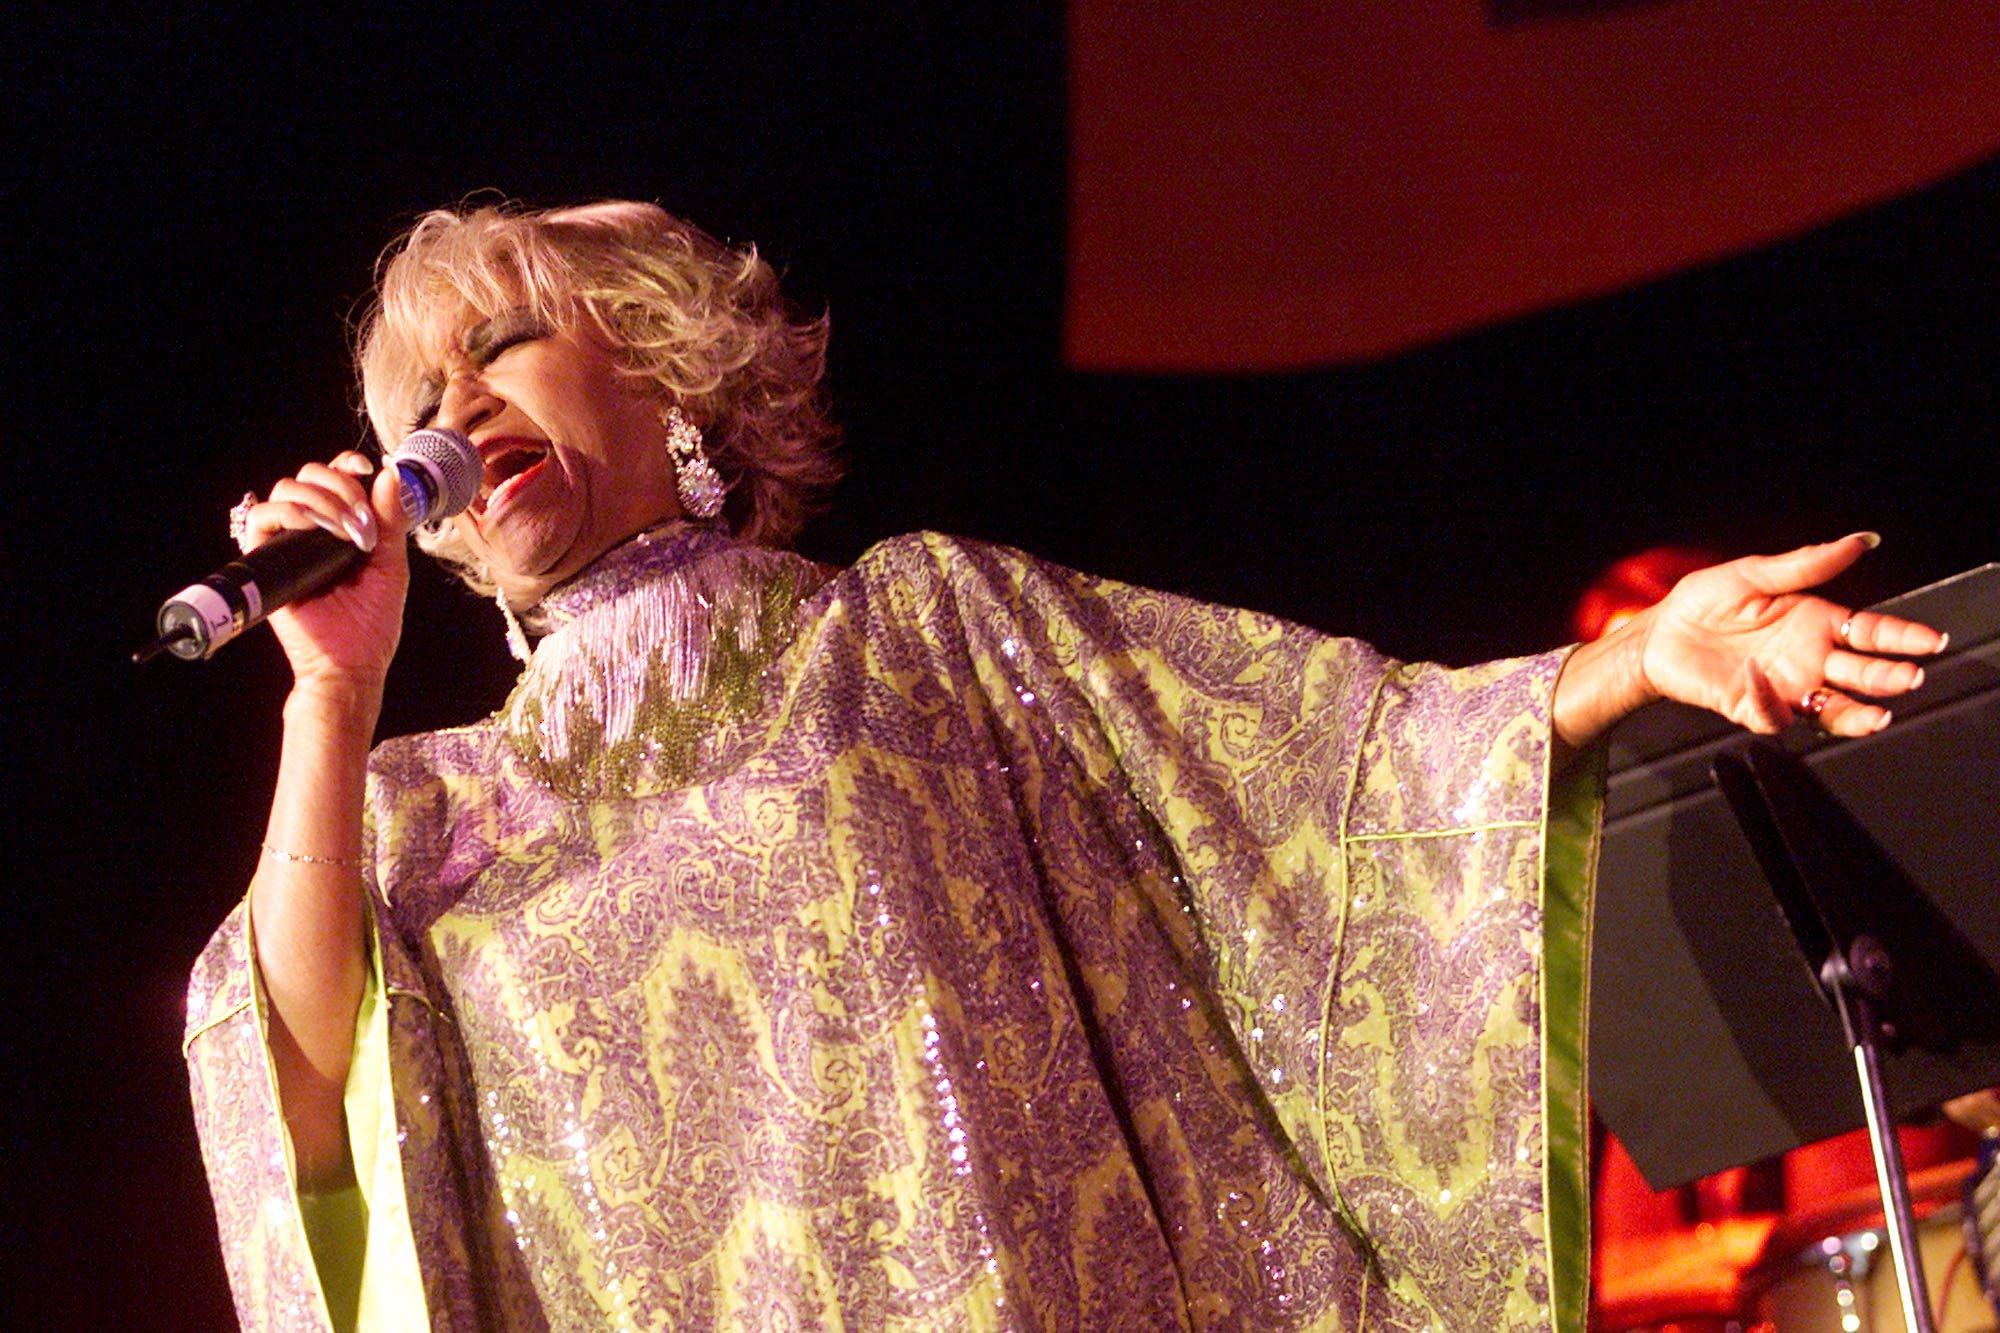 """Celia Cruz en el """"Concierto Para Los Héroes"""" en Los Ángeles, California en septiembre de 2001, dedicado a las familias de bomberos y oficiales fallecidos en el 11S en Nueva York    Fuente: Getty Images"""